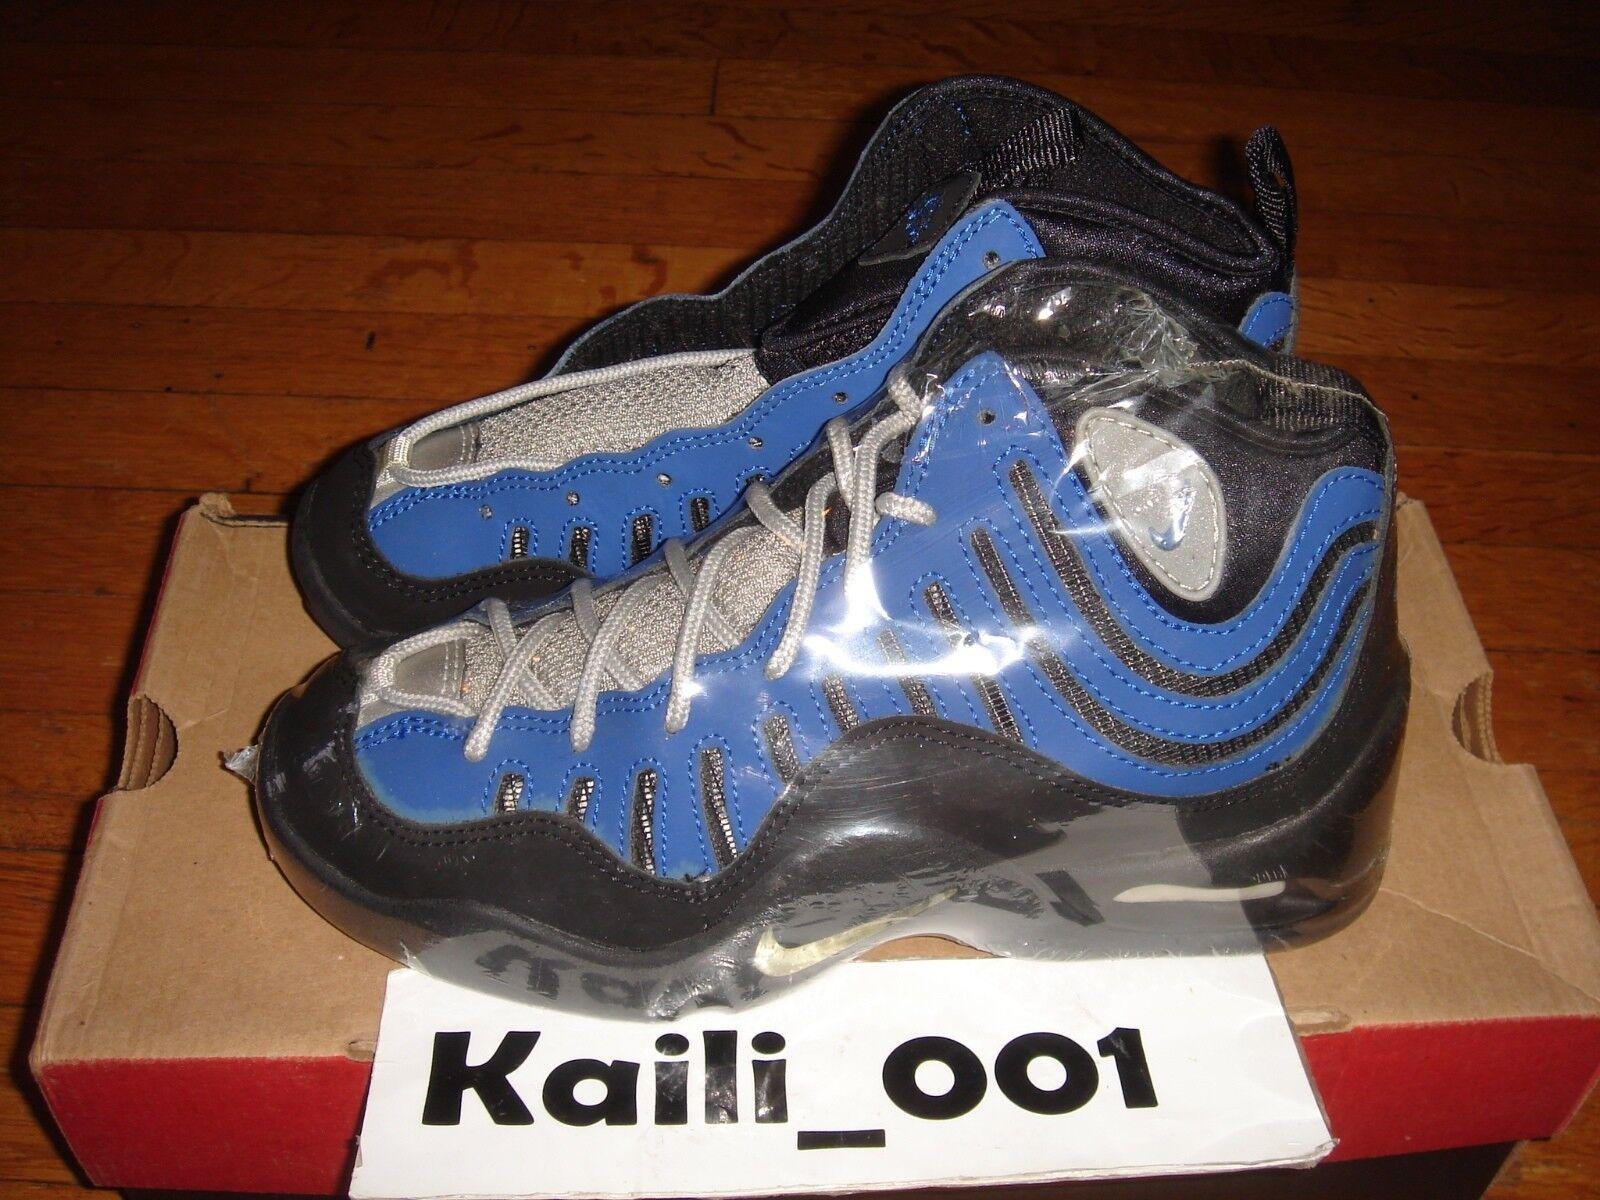 Químico Destilar cielo  Nike Air Bakin OG Tim Hardaway Blue Vintage 1997 Release 153304 441 GS Size  6 for sale online | eBay